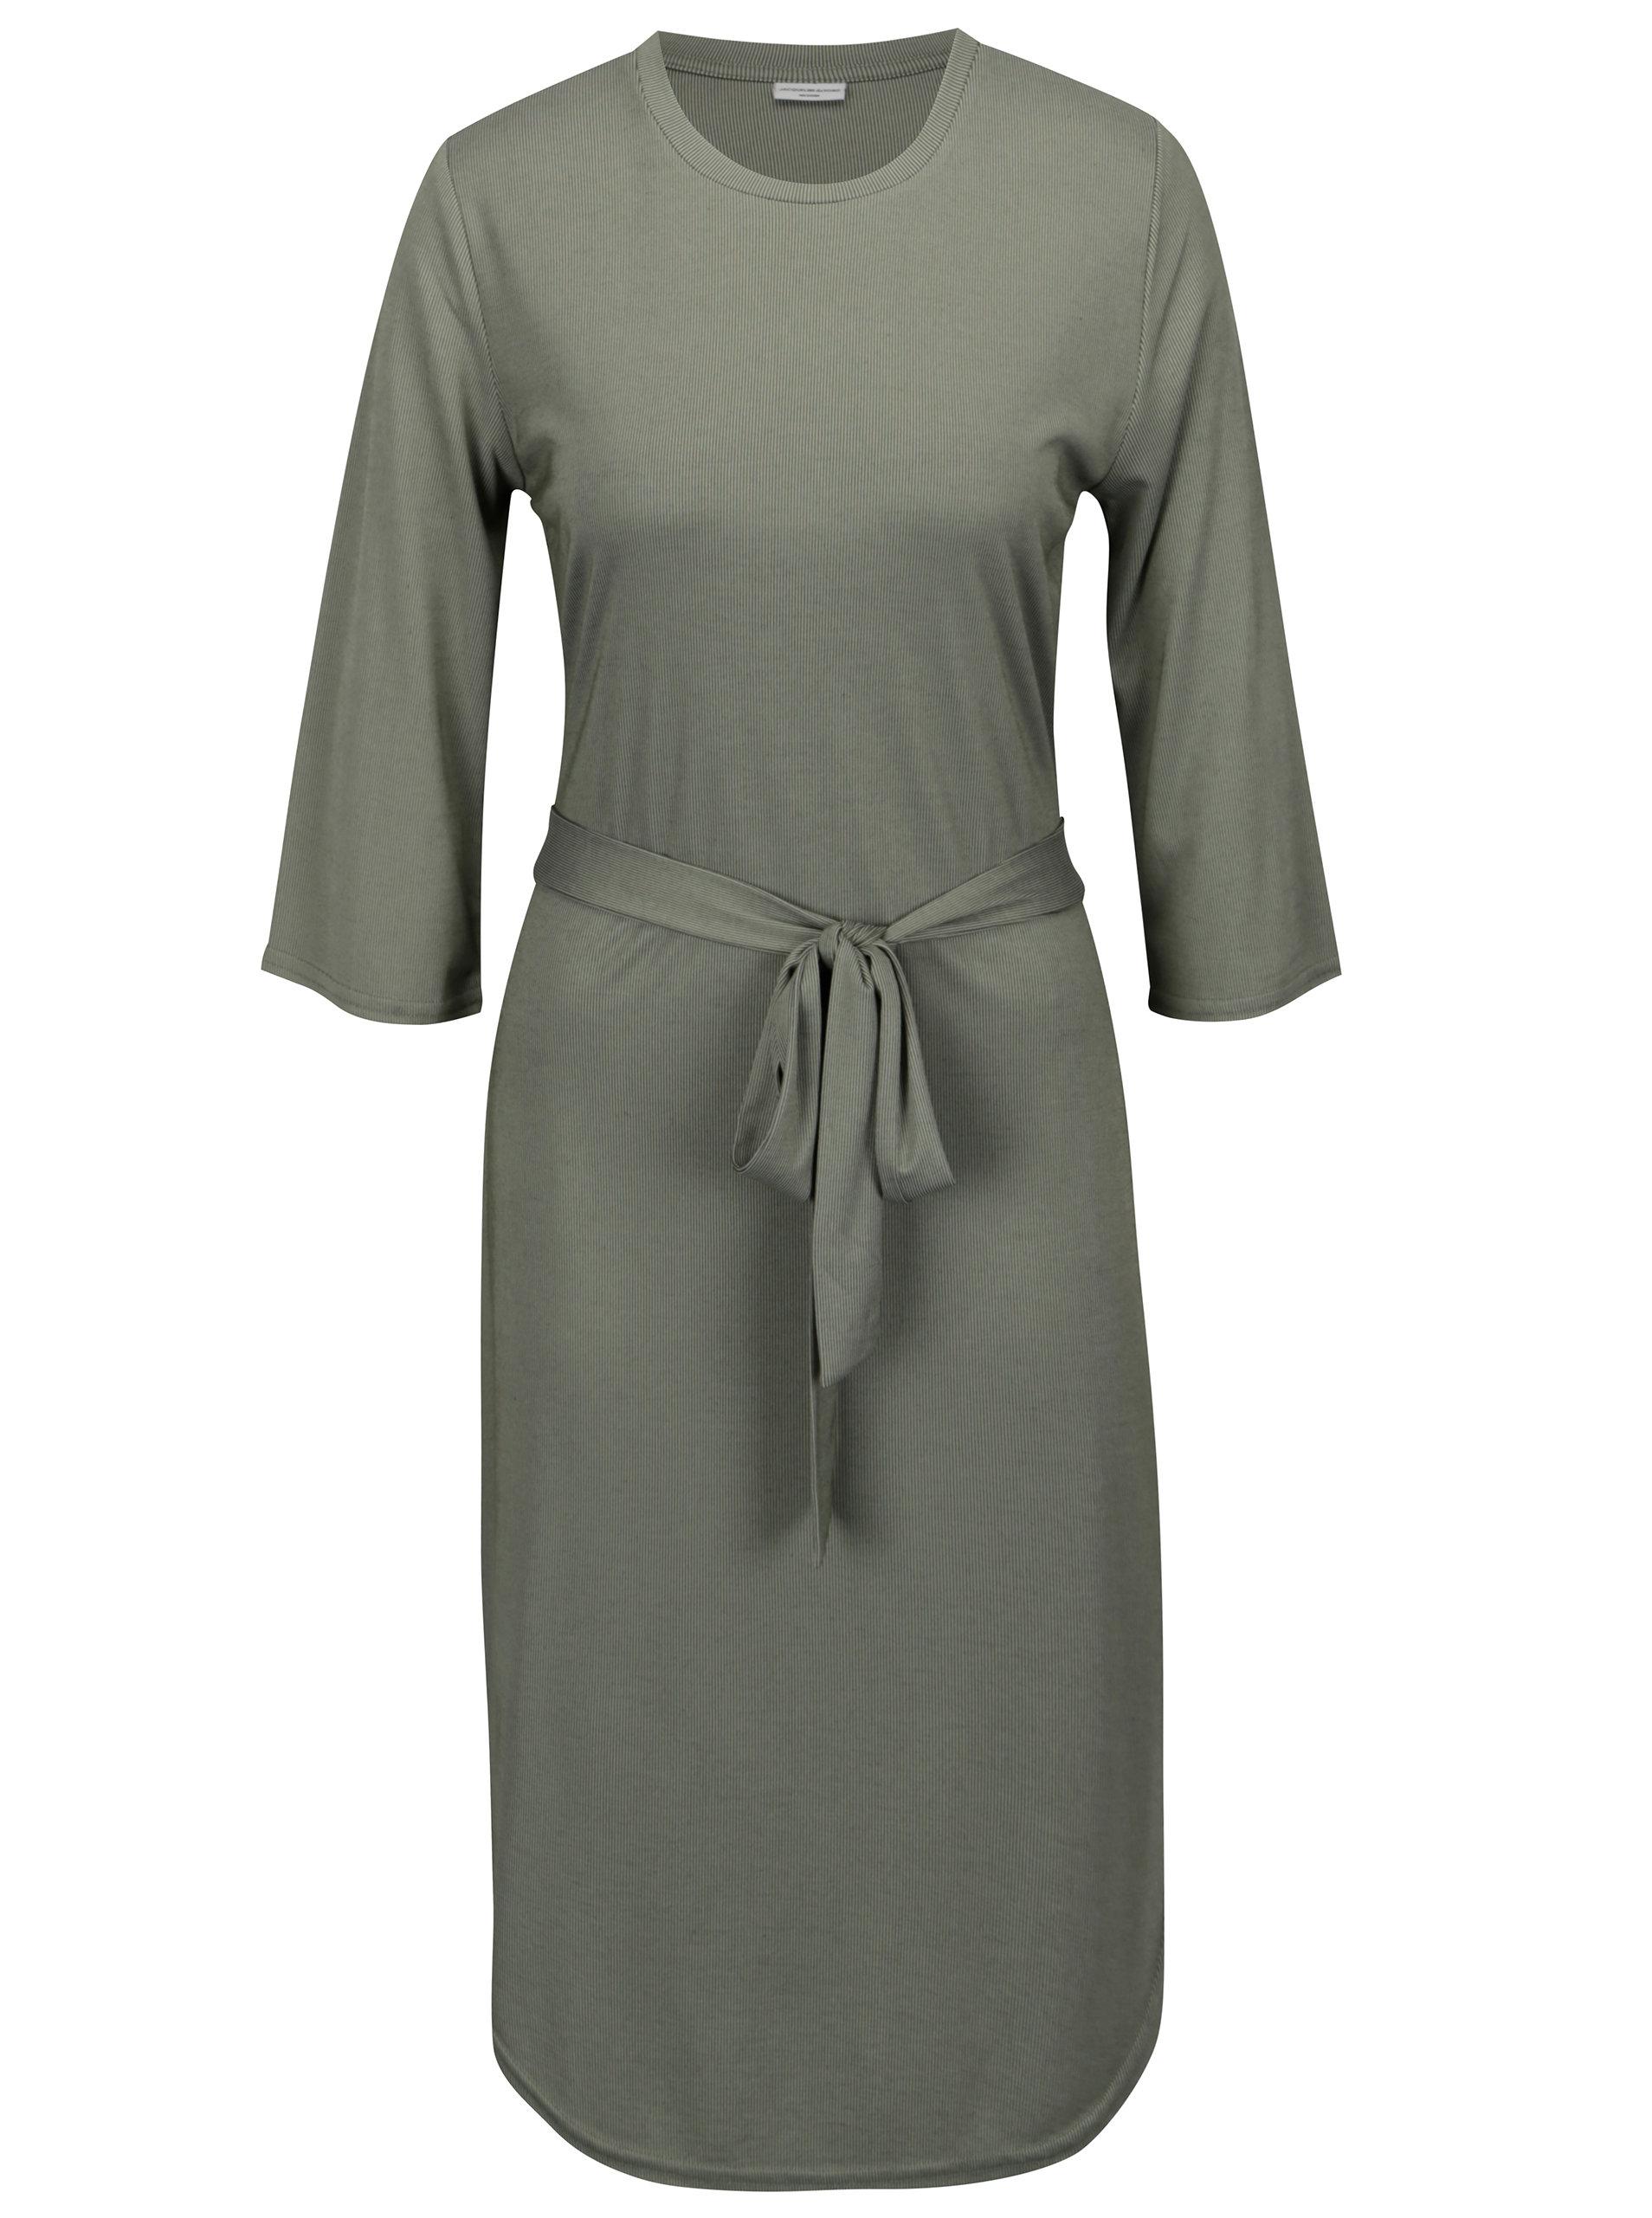 782940a8e0 Svetle zelené rebrované šaty s opaskom Jacqueline de Yong Ban ...